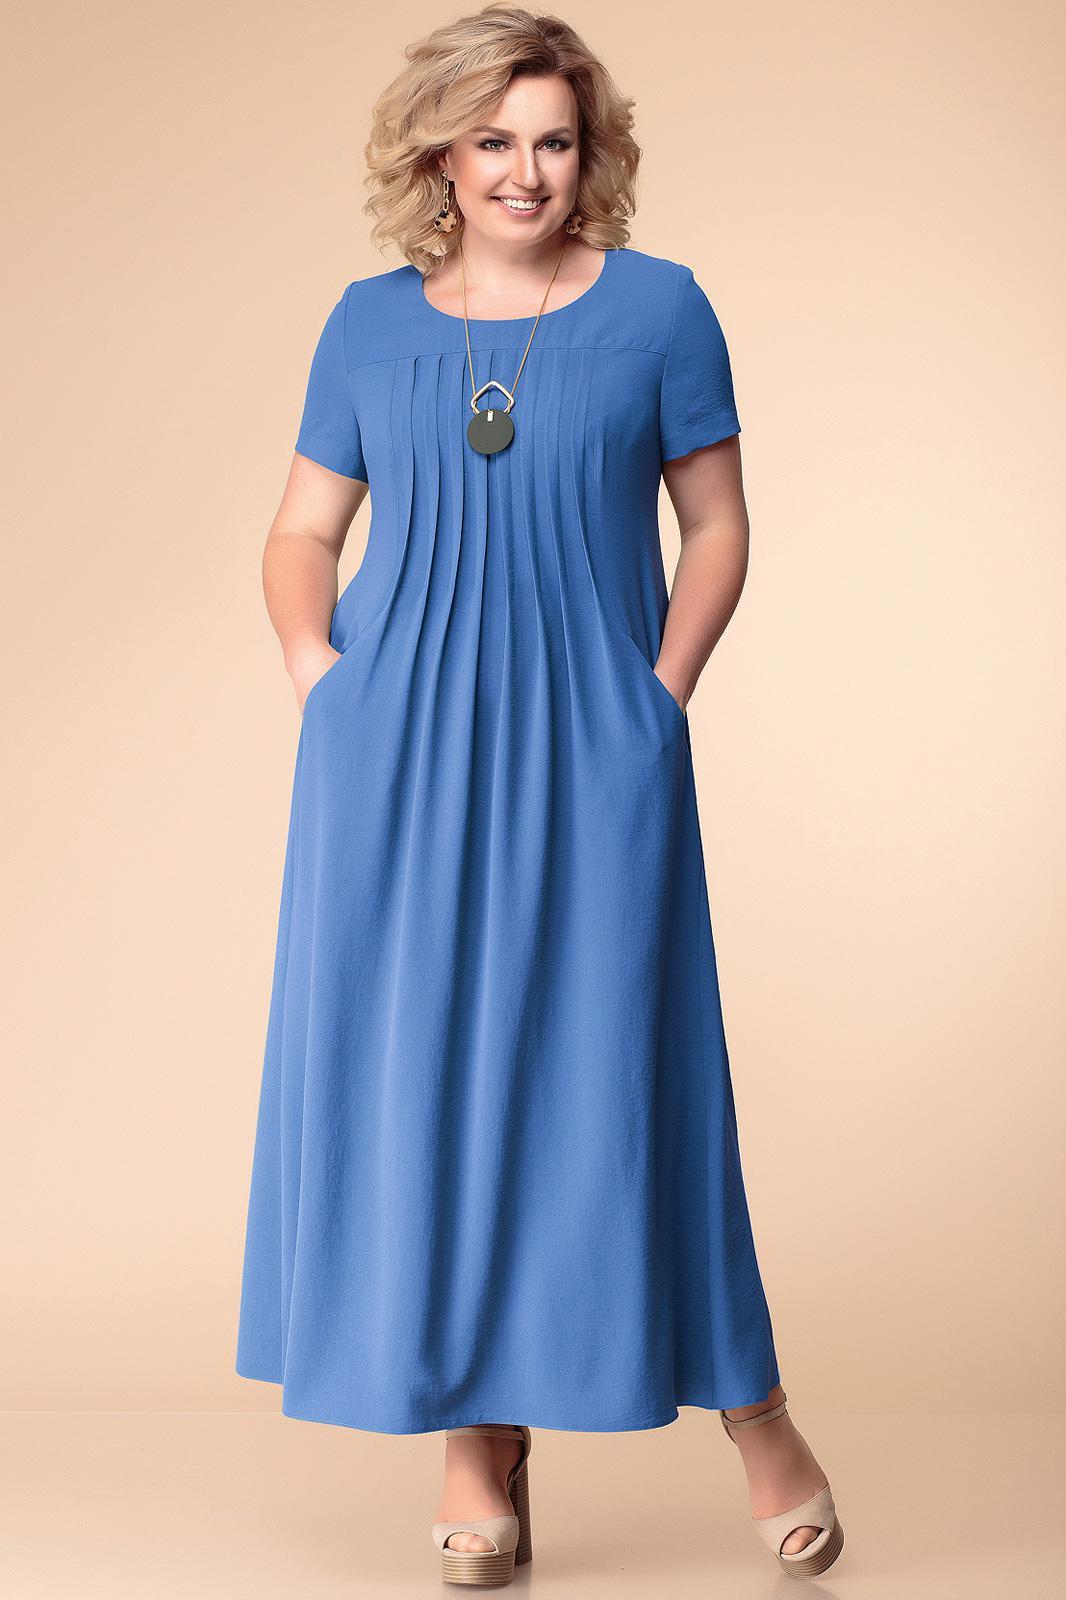 bbc745affa8 Купить нарядное платье большого размера. Нарядные платья для полных